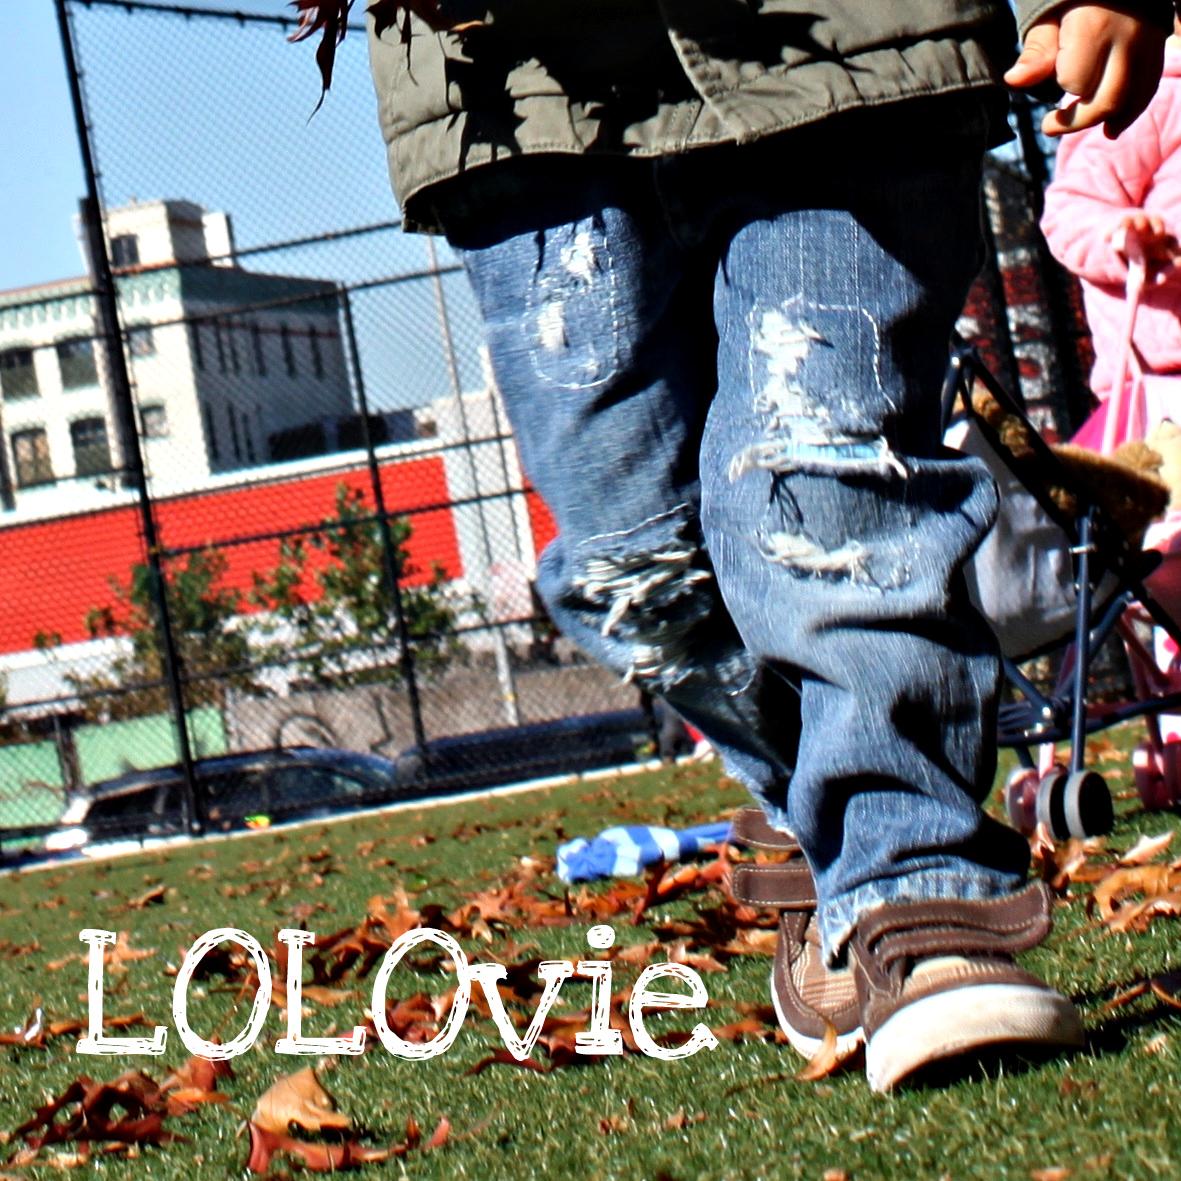 http://3.bp.blogspot.com/-jsIlyxUs2M0/Tqyw3LUzqVI/AAAAAAAAAsc/8XxYO85Z1Ik/s1600/LolovieJeans.jpg